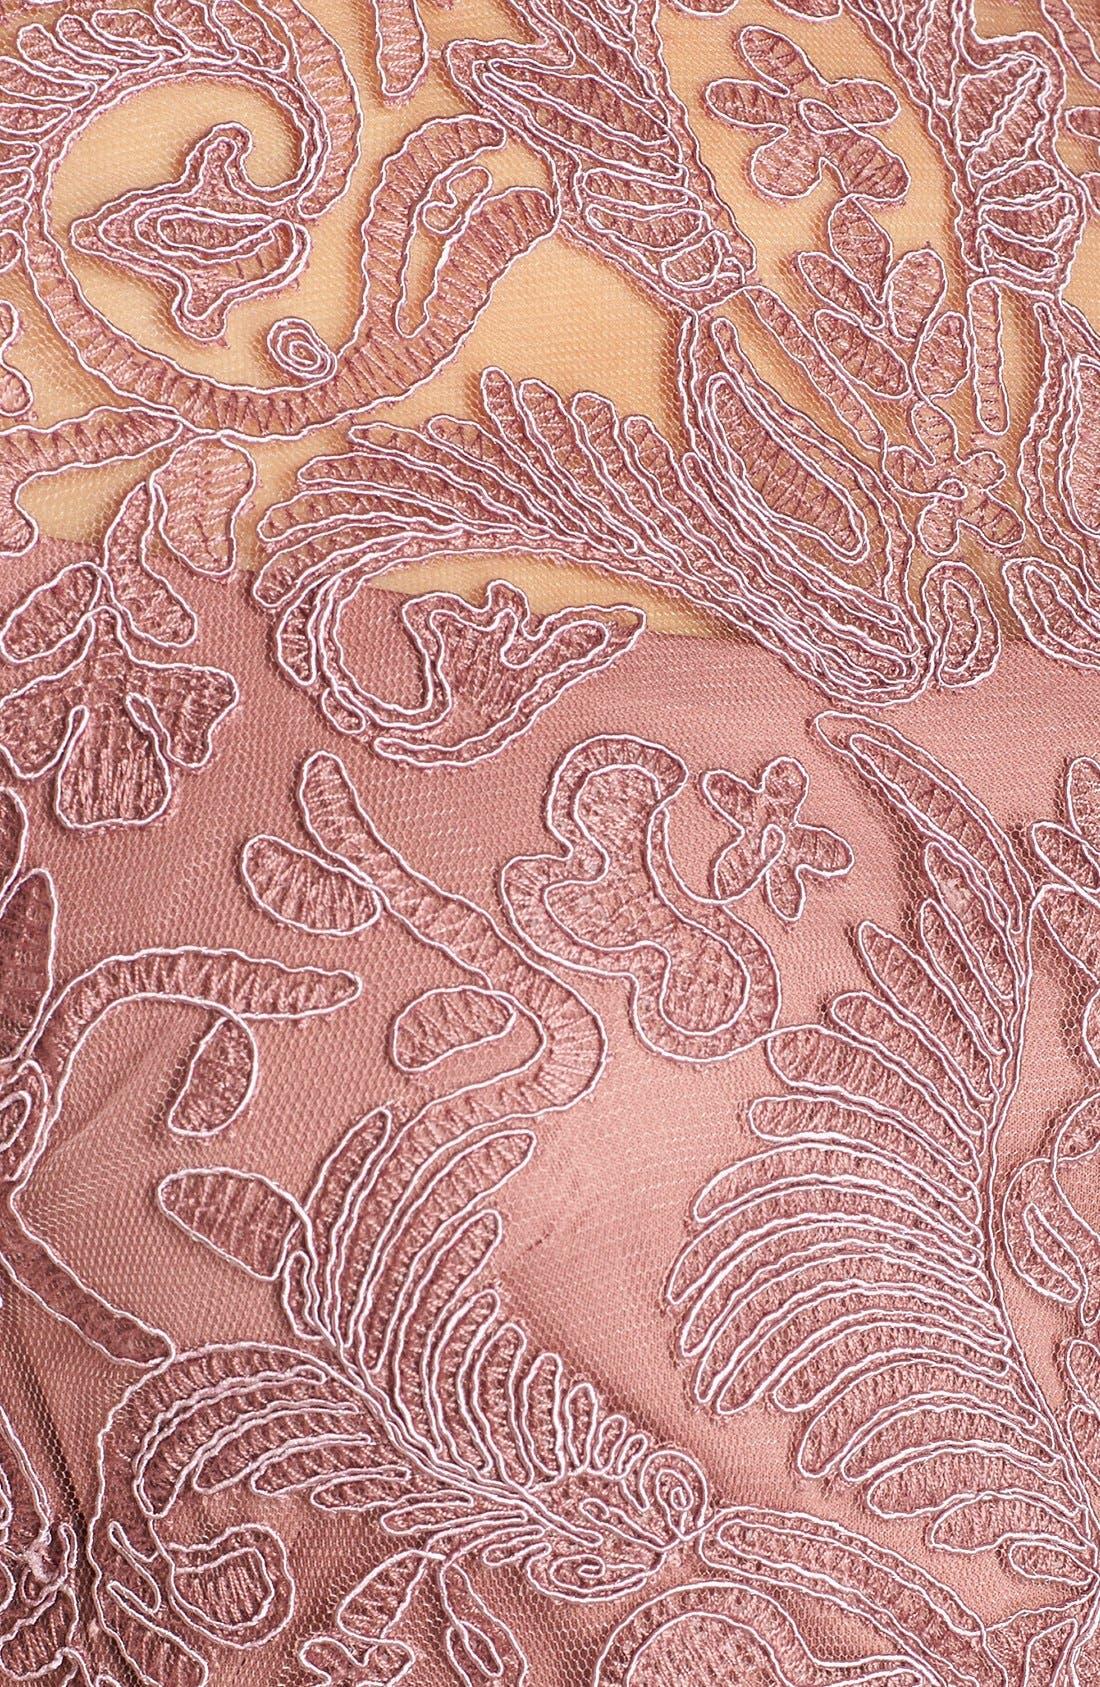 Illusion Yoke Lace Sheath Dress,                             Alternate thumbnail 58, color,